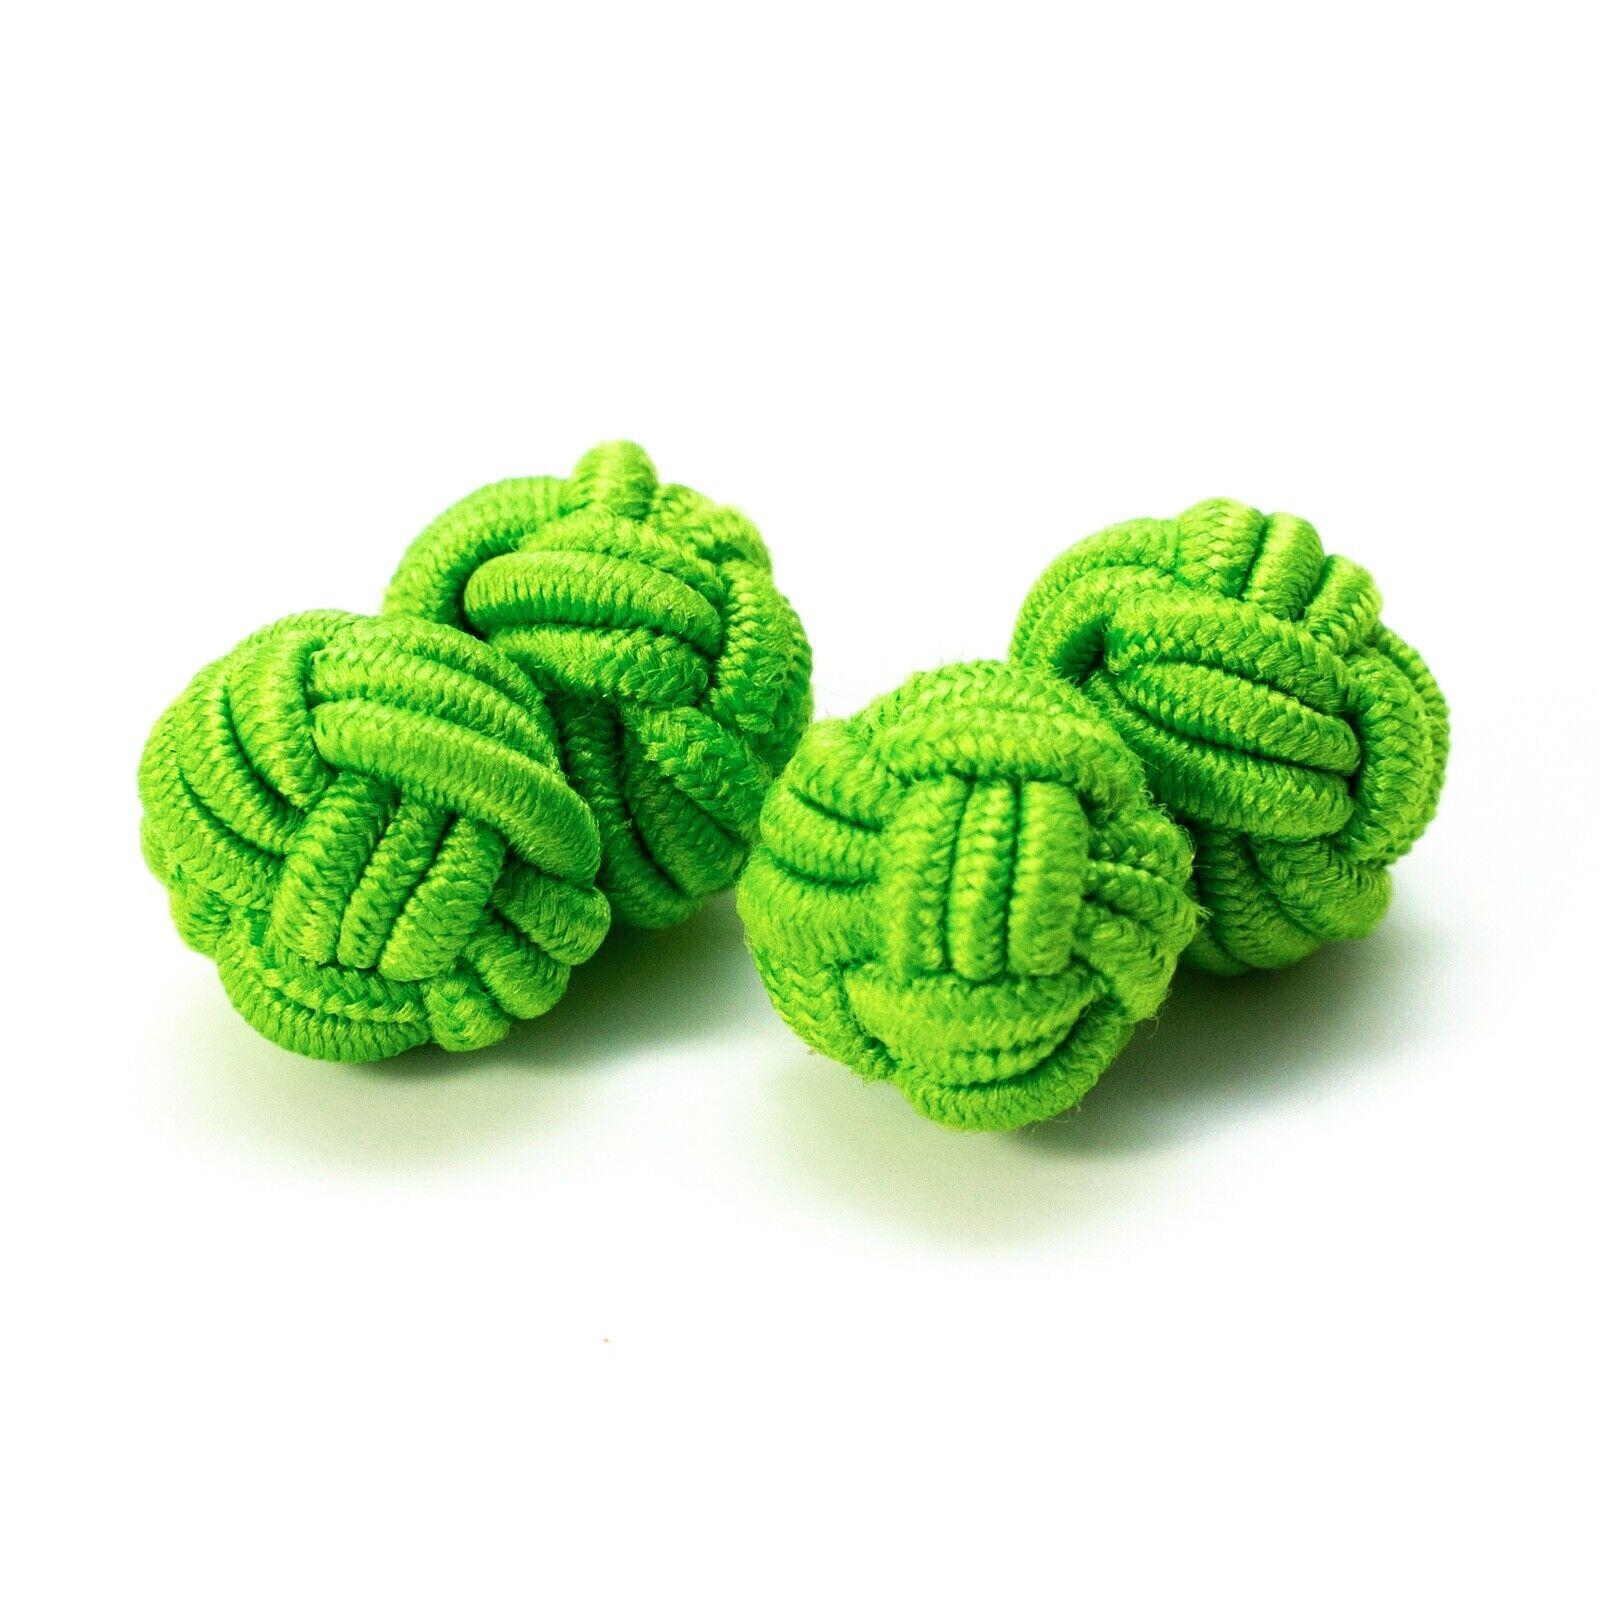 1 Paar Seidenknoten Manschettenknöpfe Knötchen froschgrün Umschlagmanschette